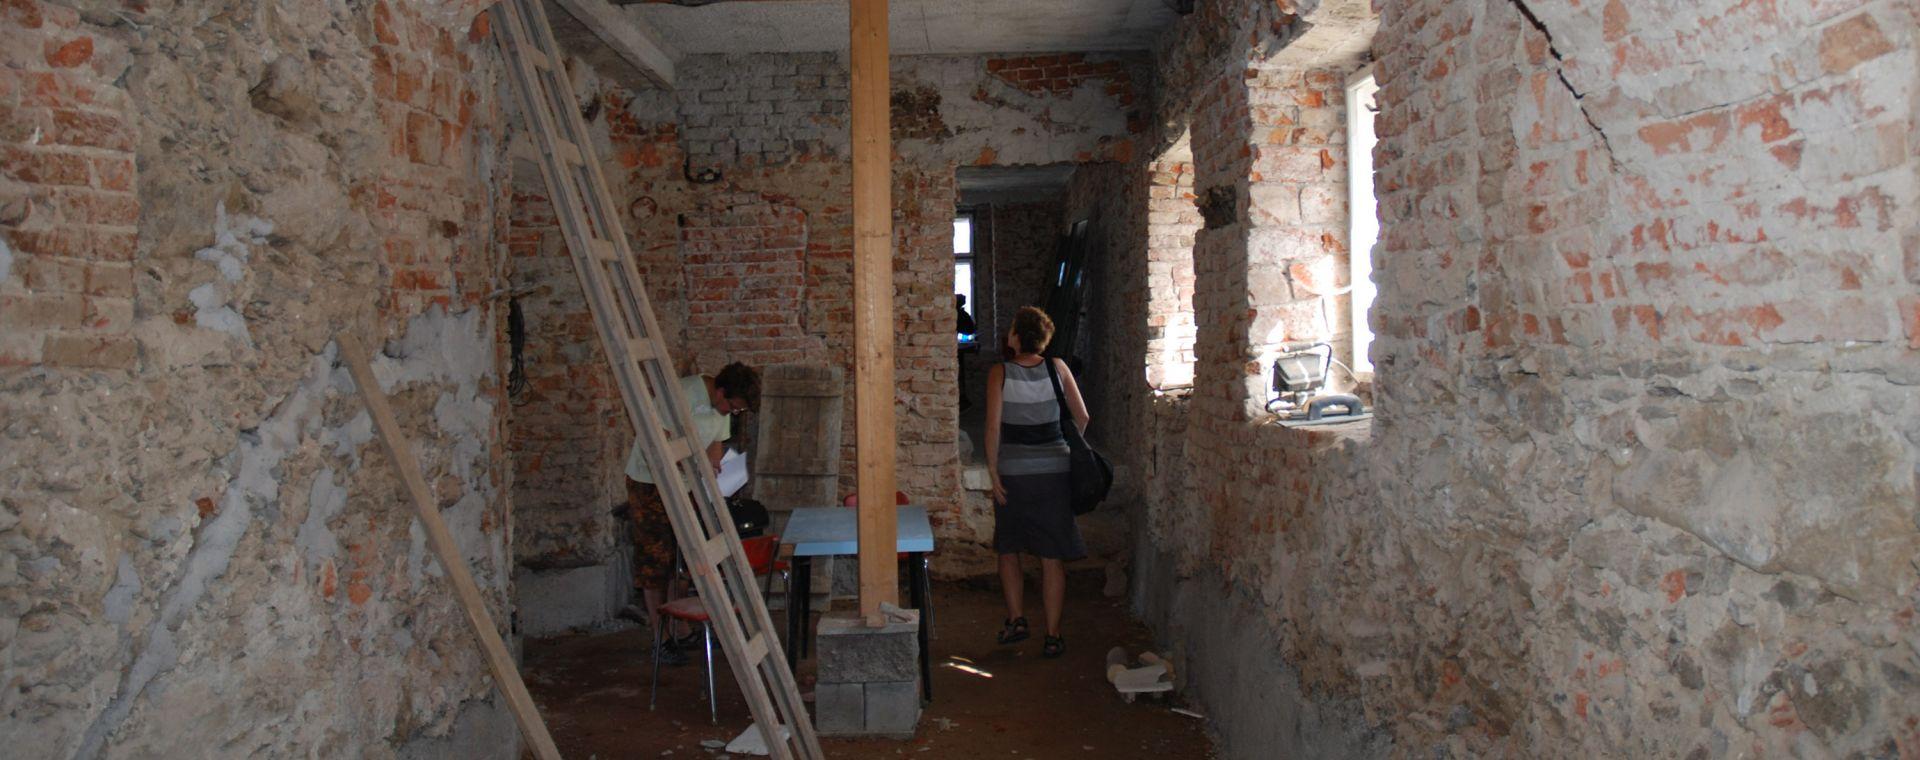 Rekonstrukce statku v Rosičce u Žďáru nad Sázavou, 2013-2014, CZ